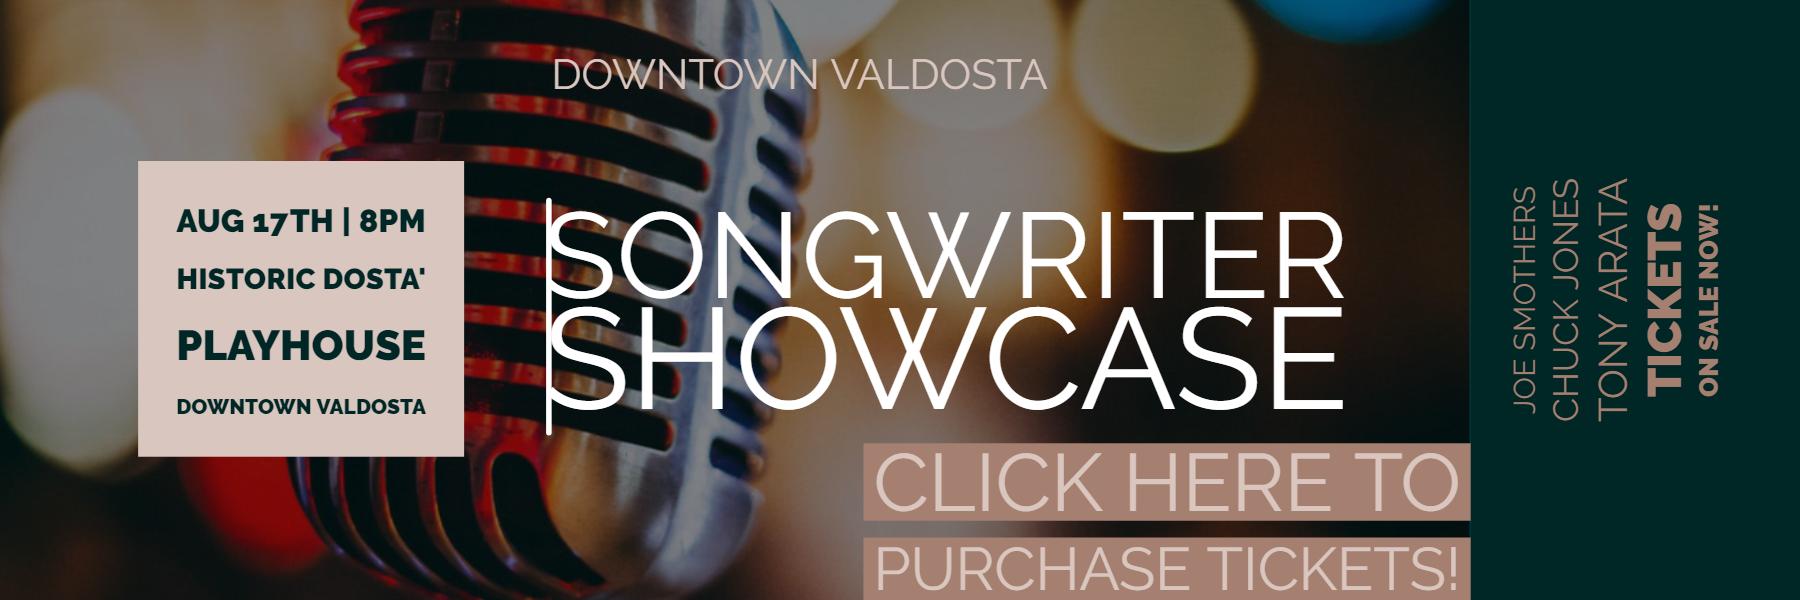 Downtown Valdosta Songwriter Showcase Aug 2019